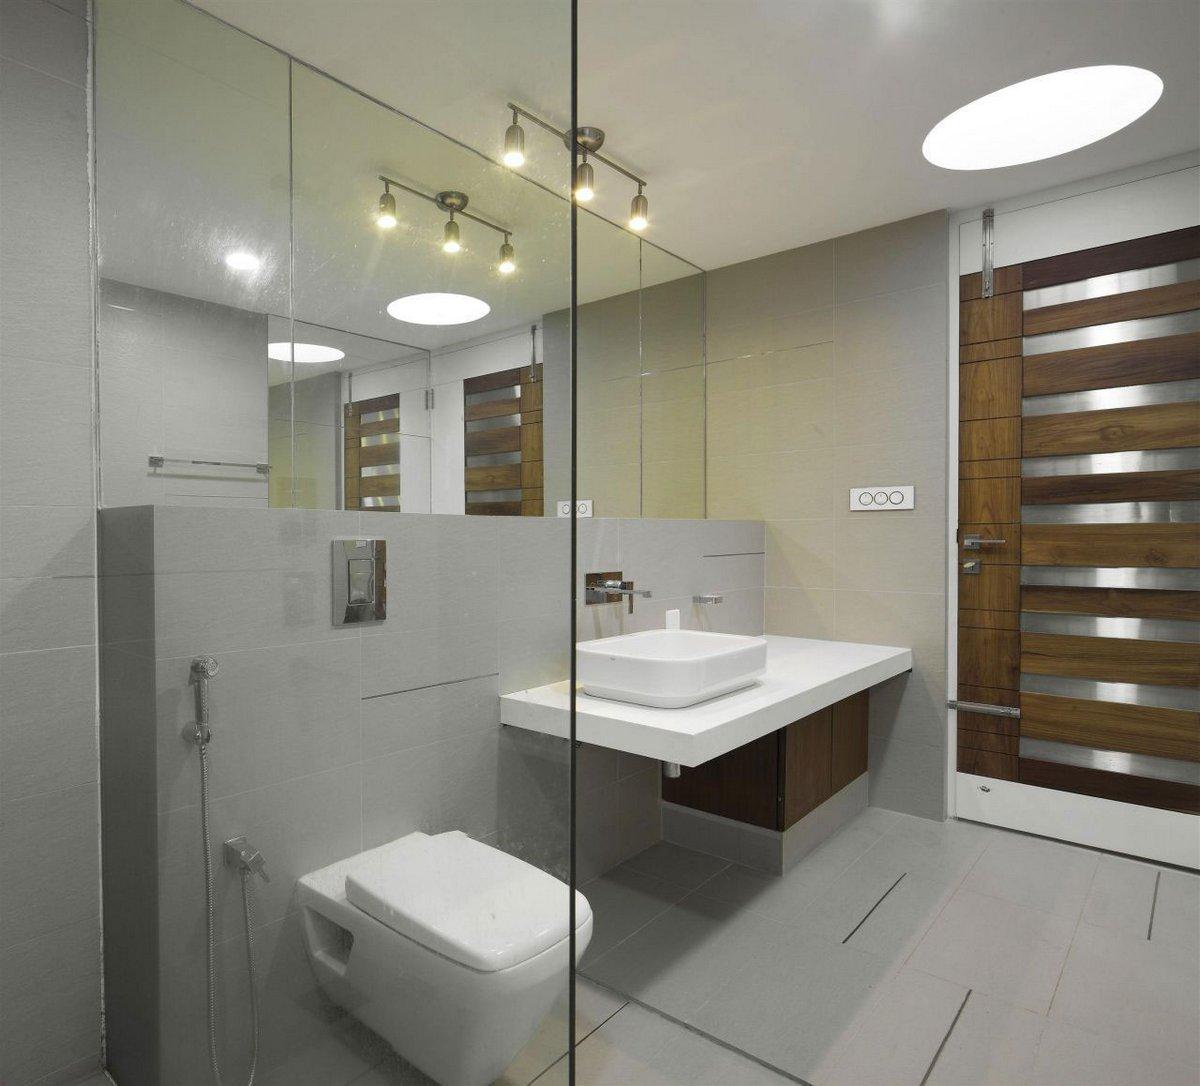 LIJO RENY architects, Running Wall Residence, особняк в Индии, частные дома в Индии, латерит, латеритный камень, камень из латерита, бассейн в доме